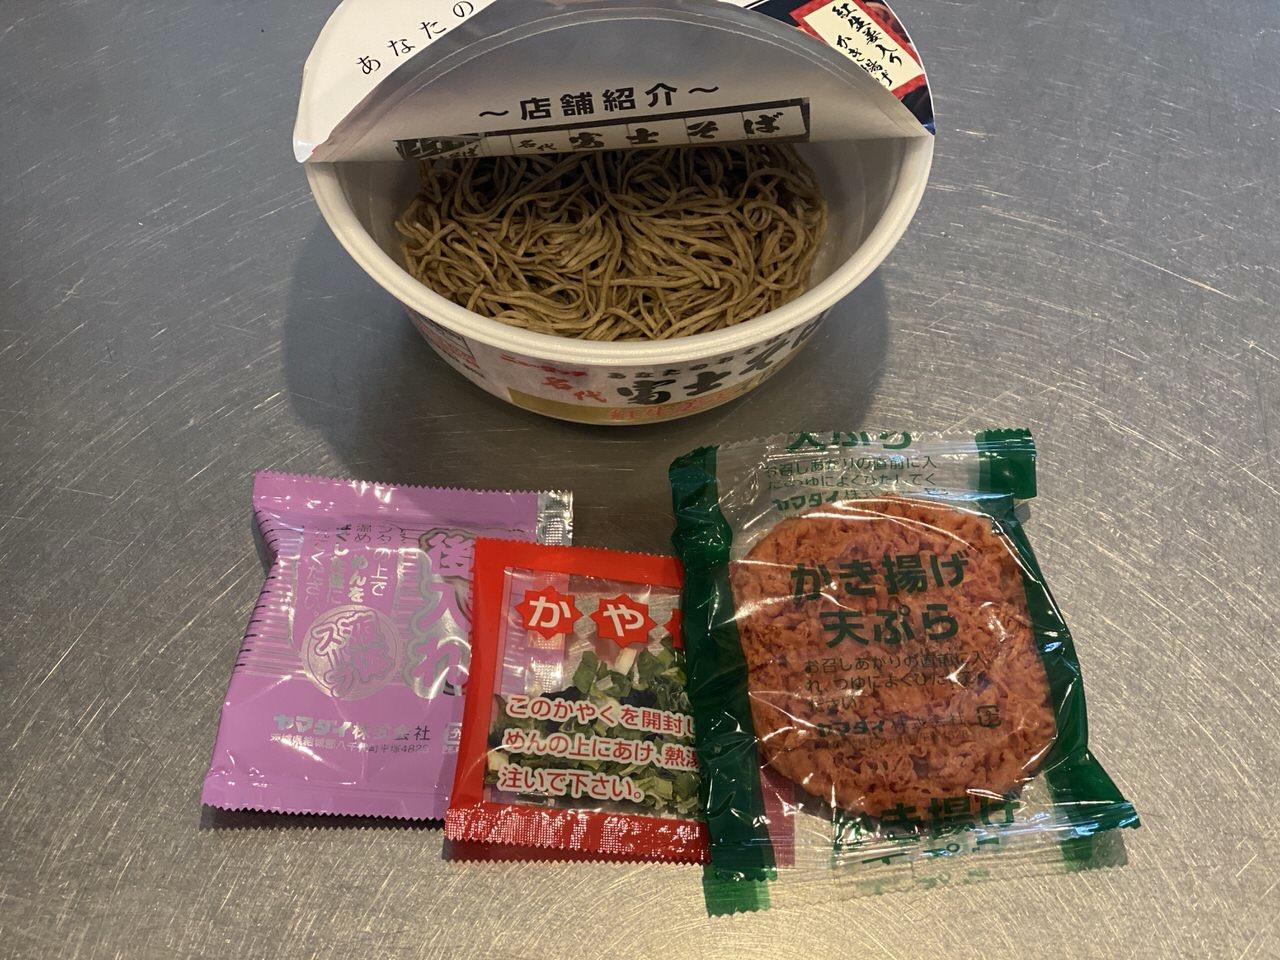 カップ麺「名代 富士そば 紅生姜天そば」2